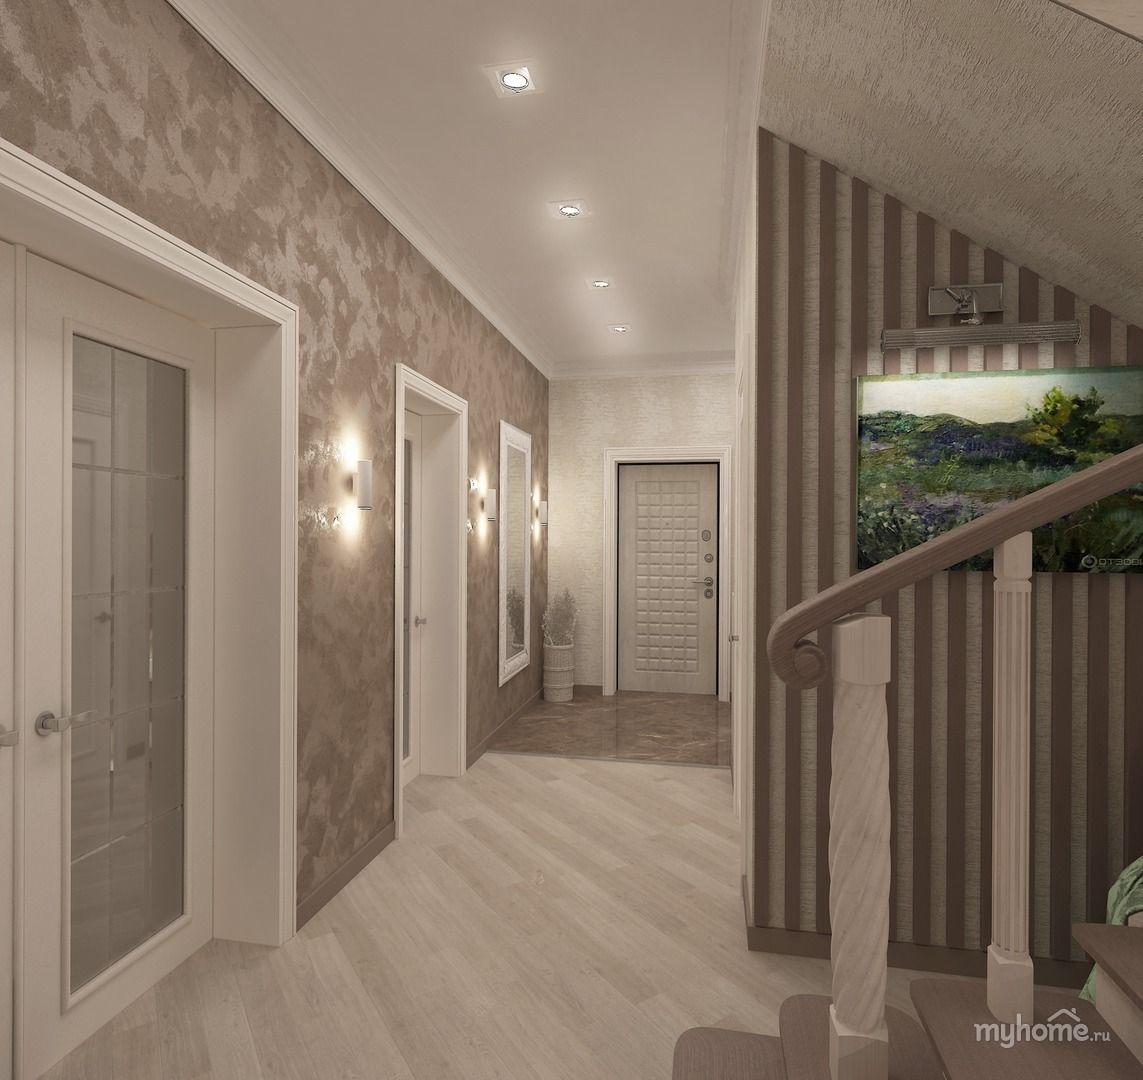 нашем дизайн коридора в частном доме фото качестве основного